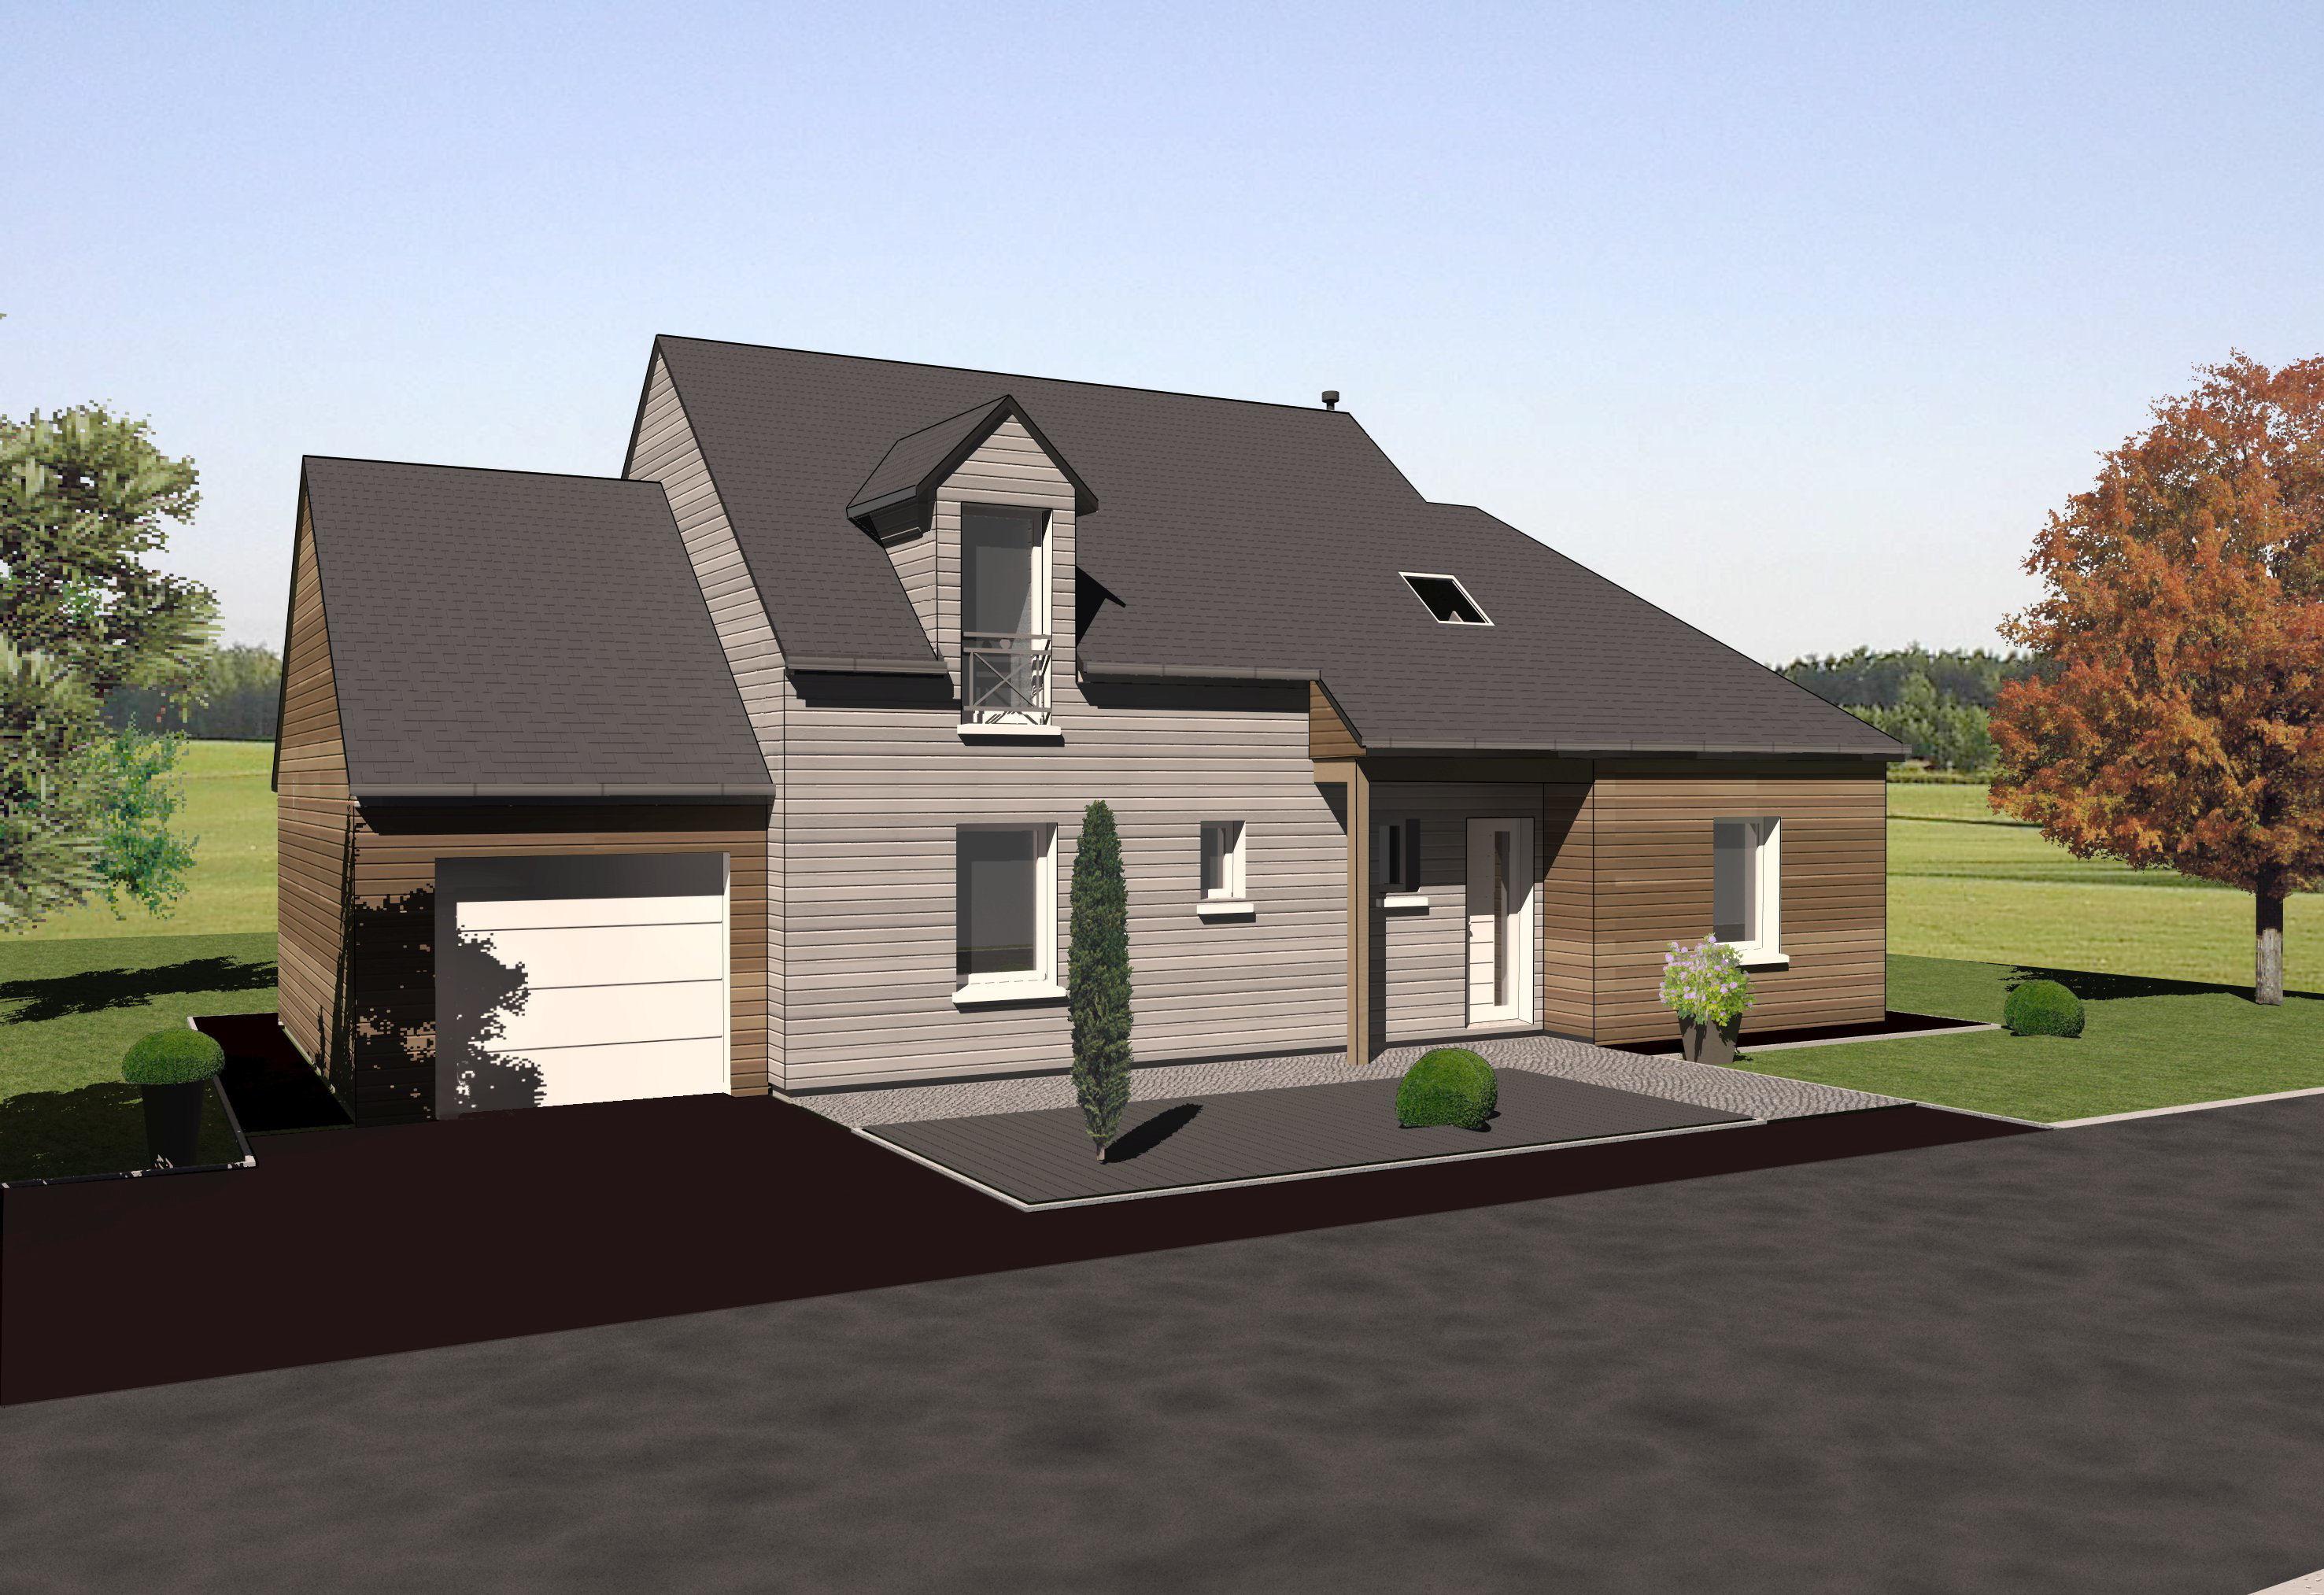 Les maisons ossature bois tages mod le chataignier for Modele maison ossature bois